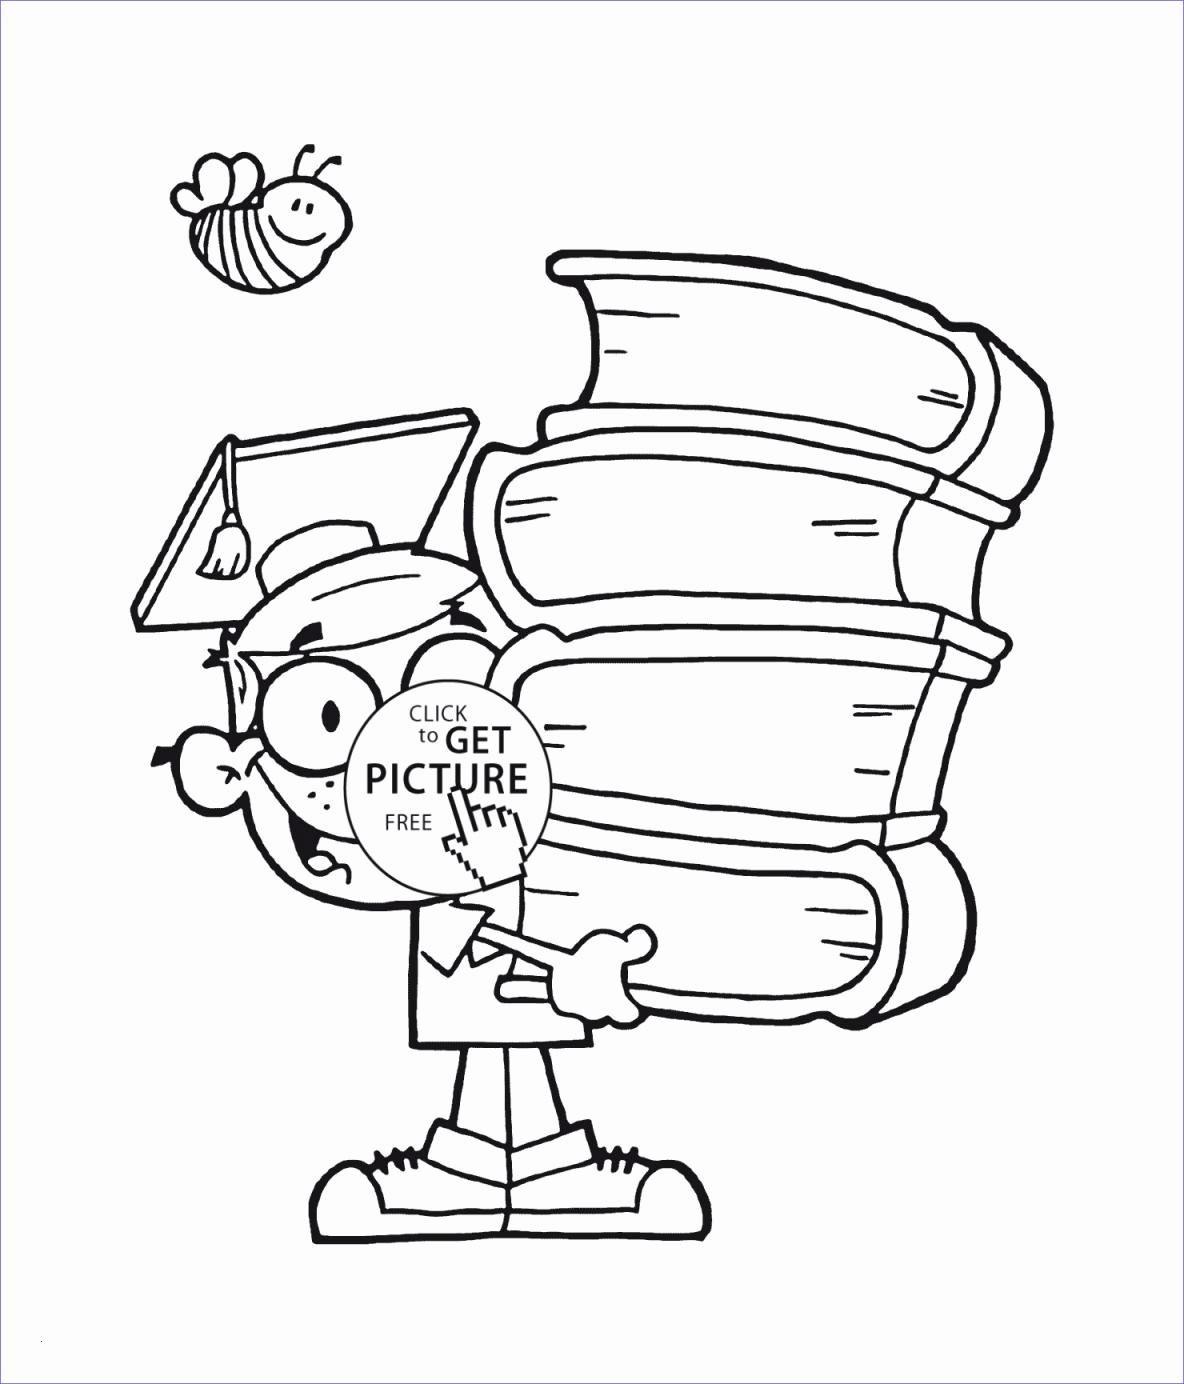 malvorlagen ostern neu gratis malvorlagen zum ausdrucken